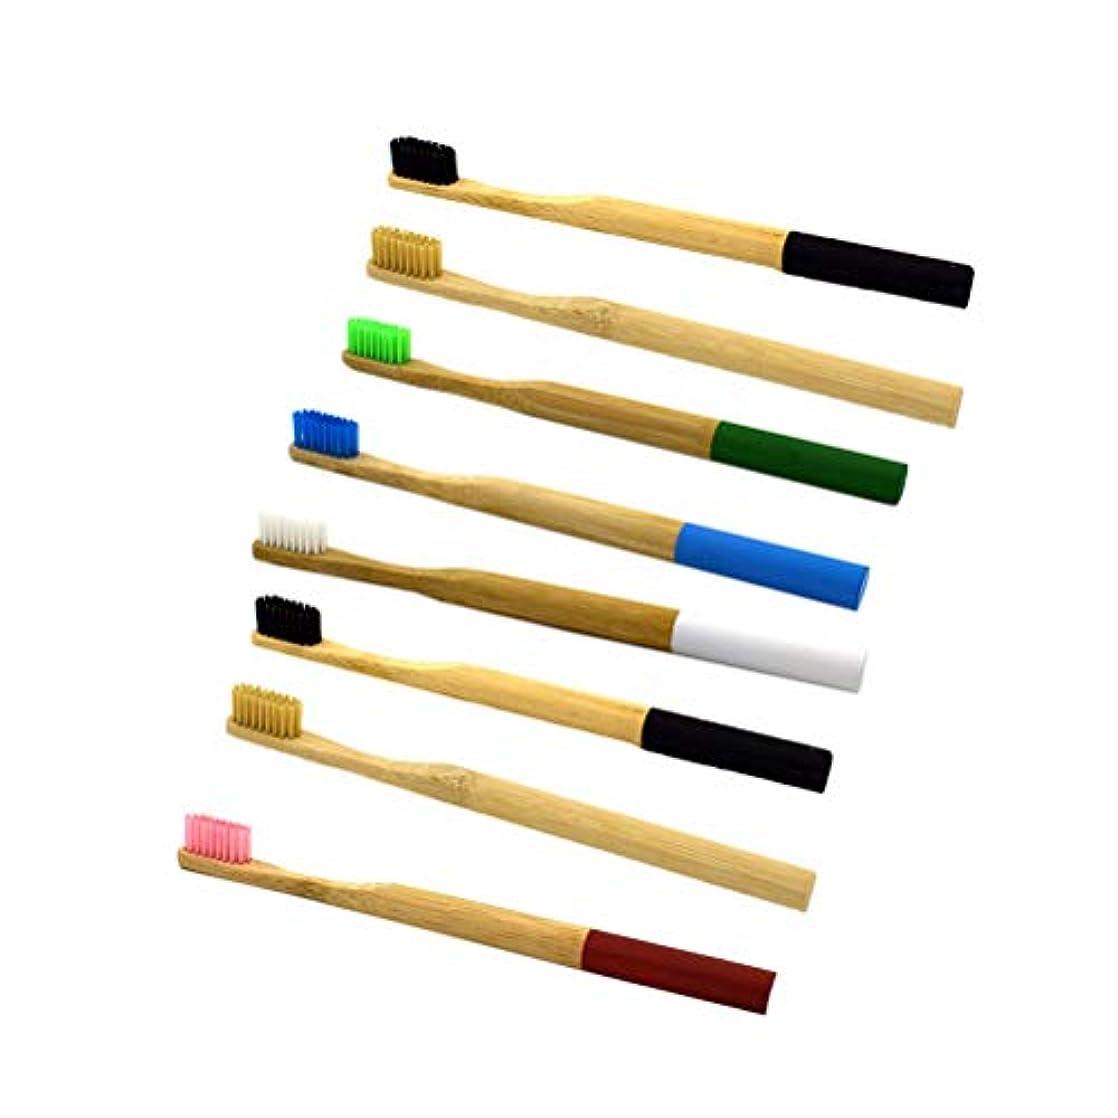 意図的メディア流行Healifty 8本 竹炭の歯ブラシ 竹の歯ブラシ 分解性 環境保護の歯ブラシ 天然の柔らかいブラシ 混合色 4本入